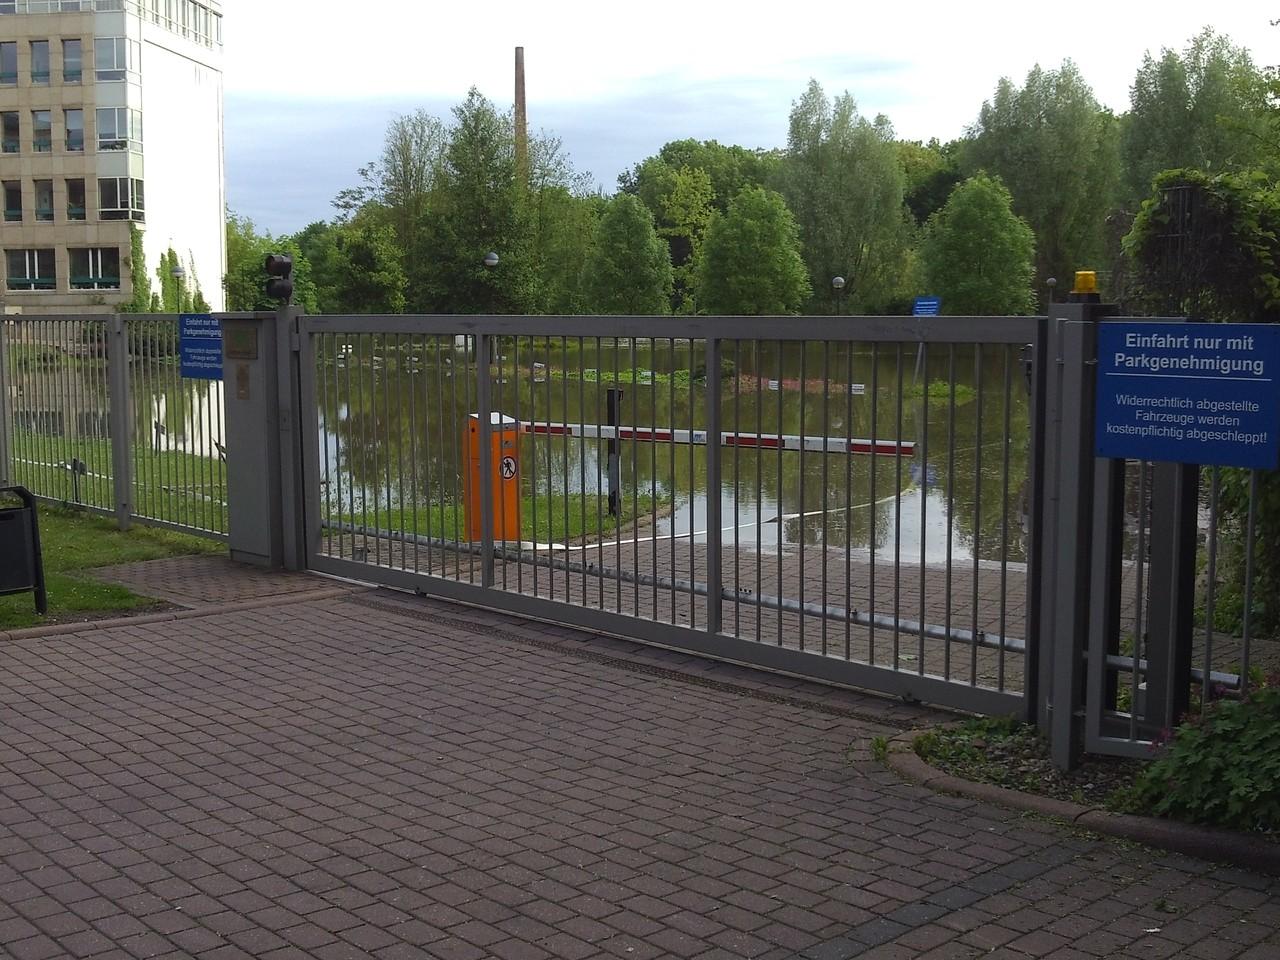 Parkplatz der AOK